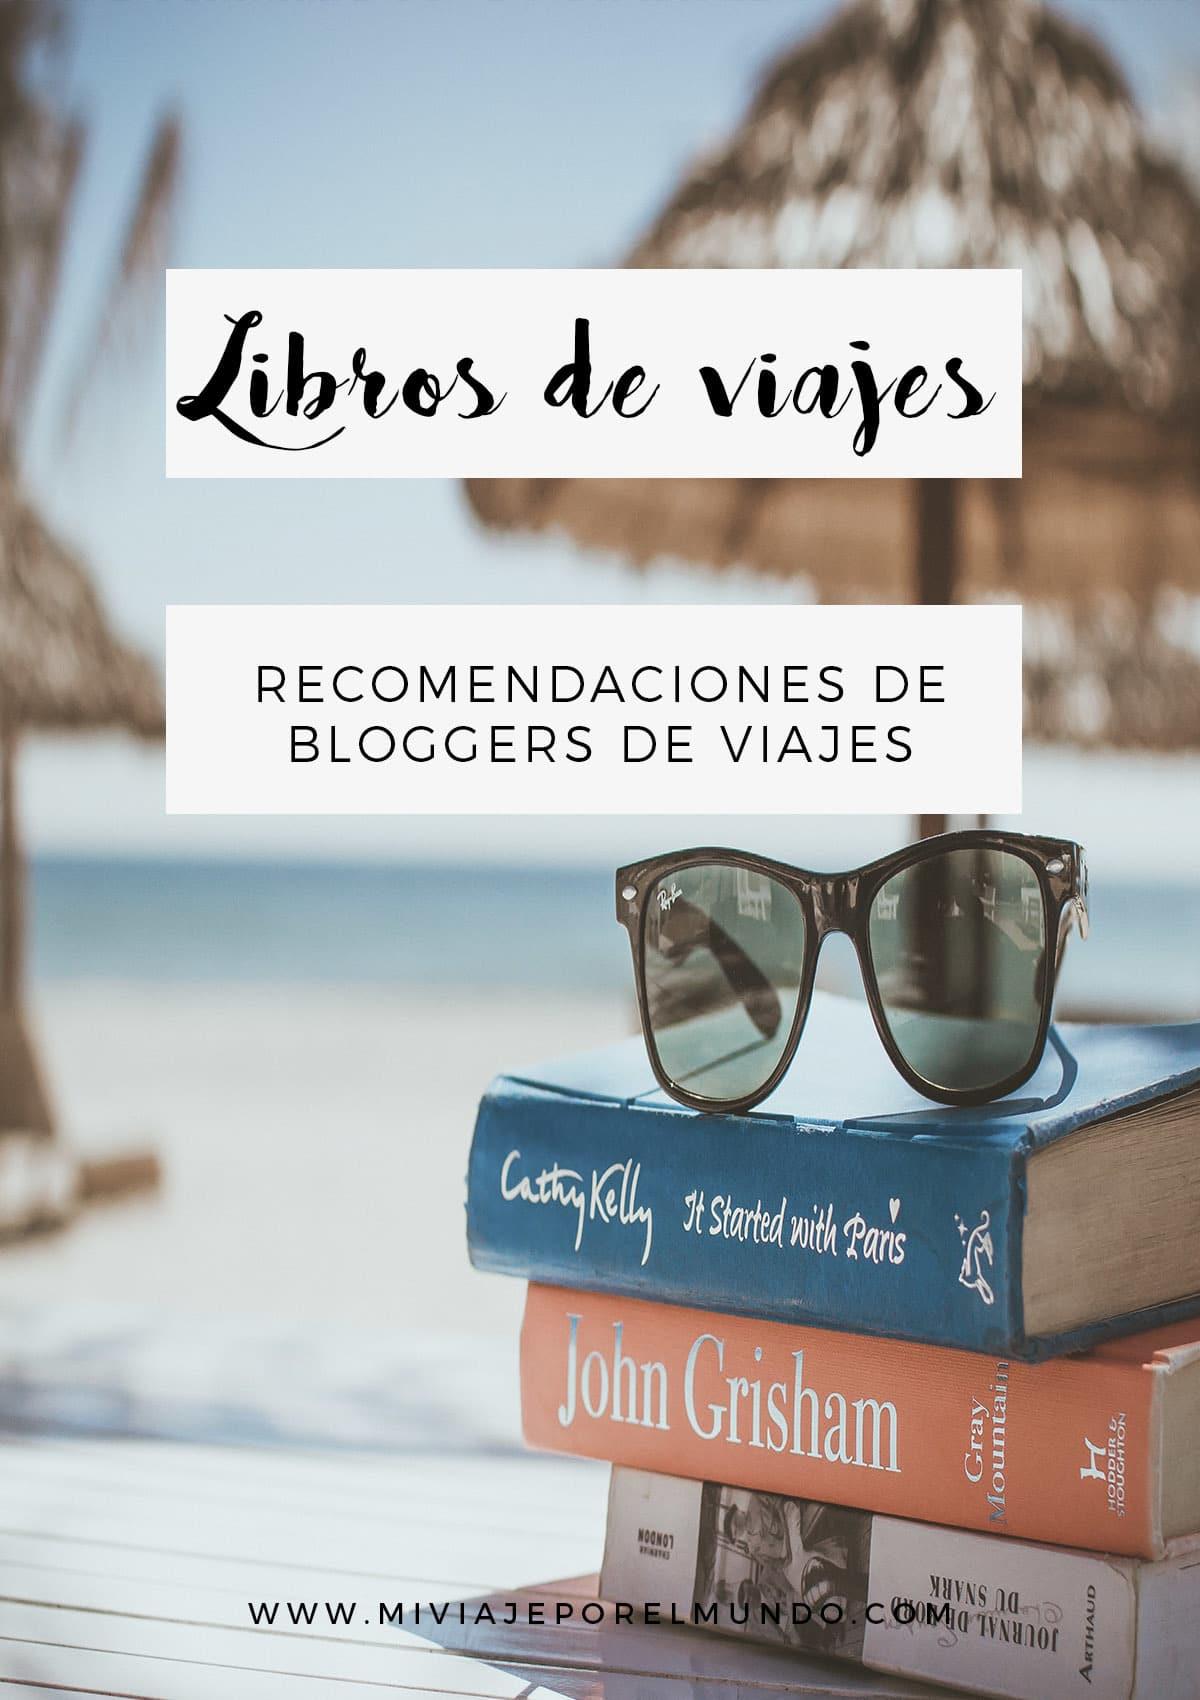 los mejores libros de viajes segun los bloggers de viajes